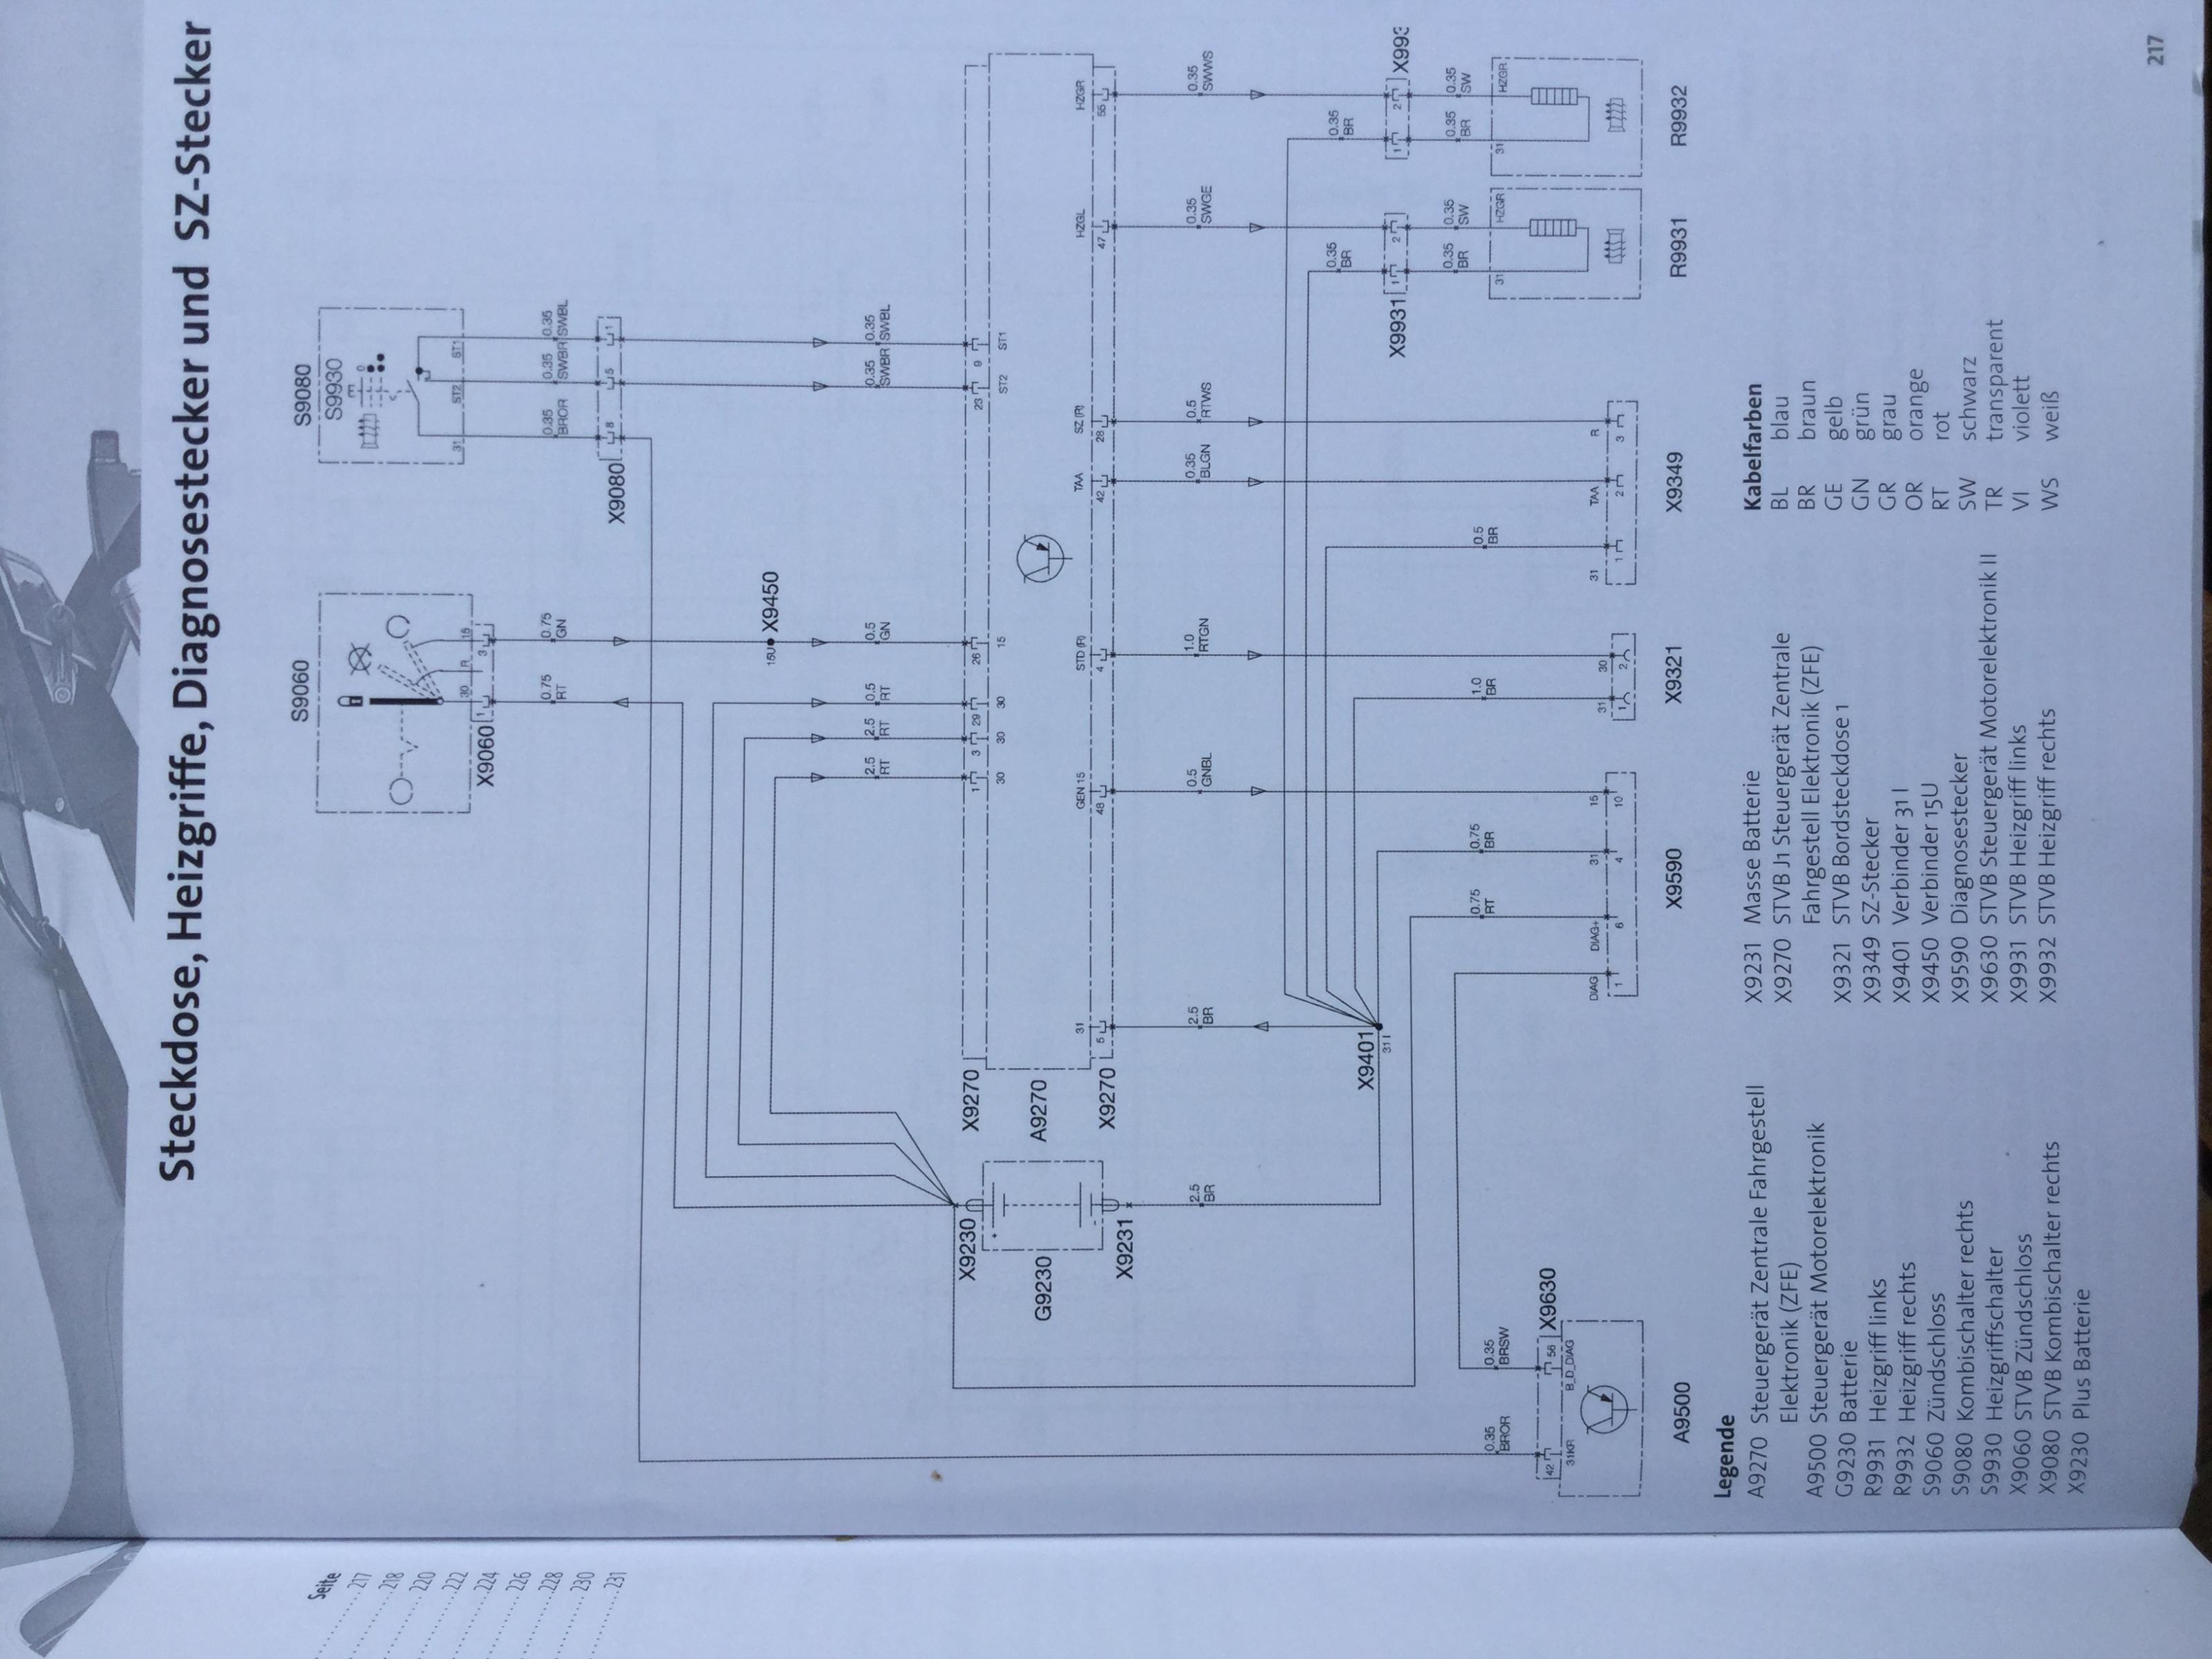 Ziemlich Elektrischer Schaltplan Des Motorrades Galerie - Der ...